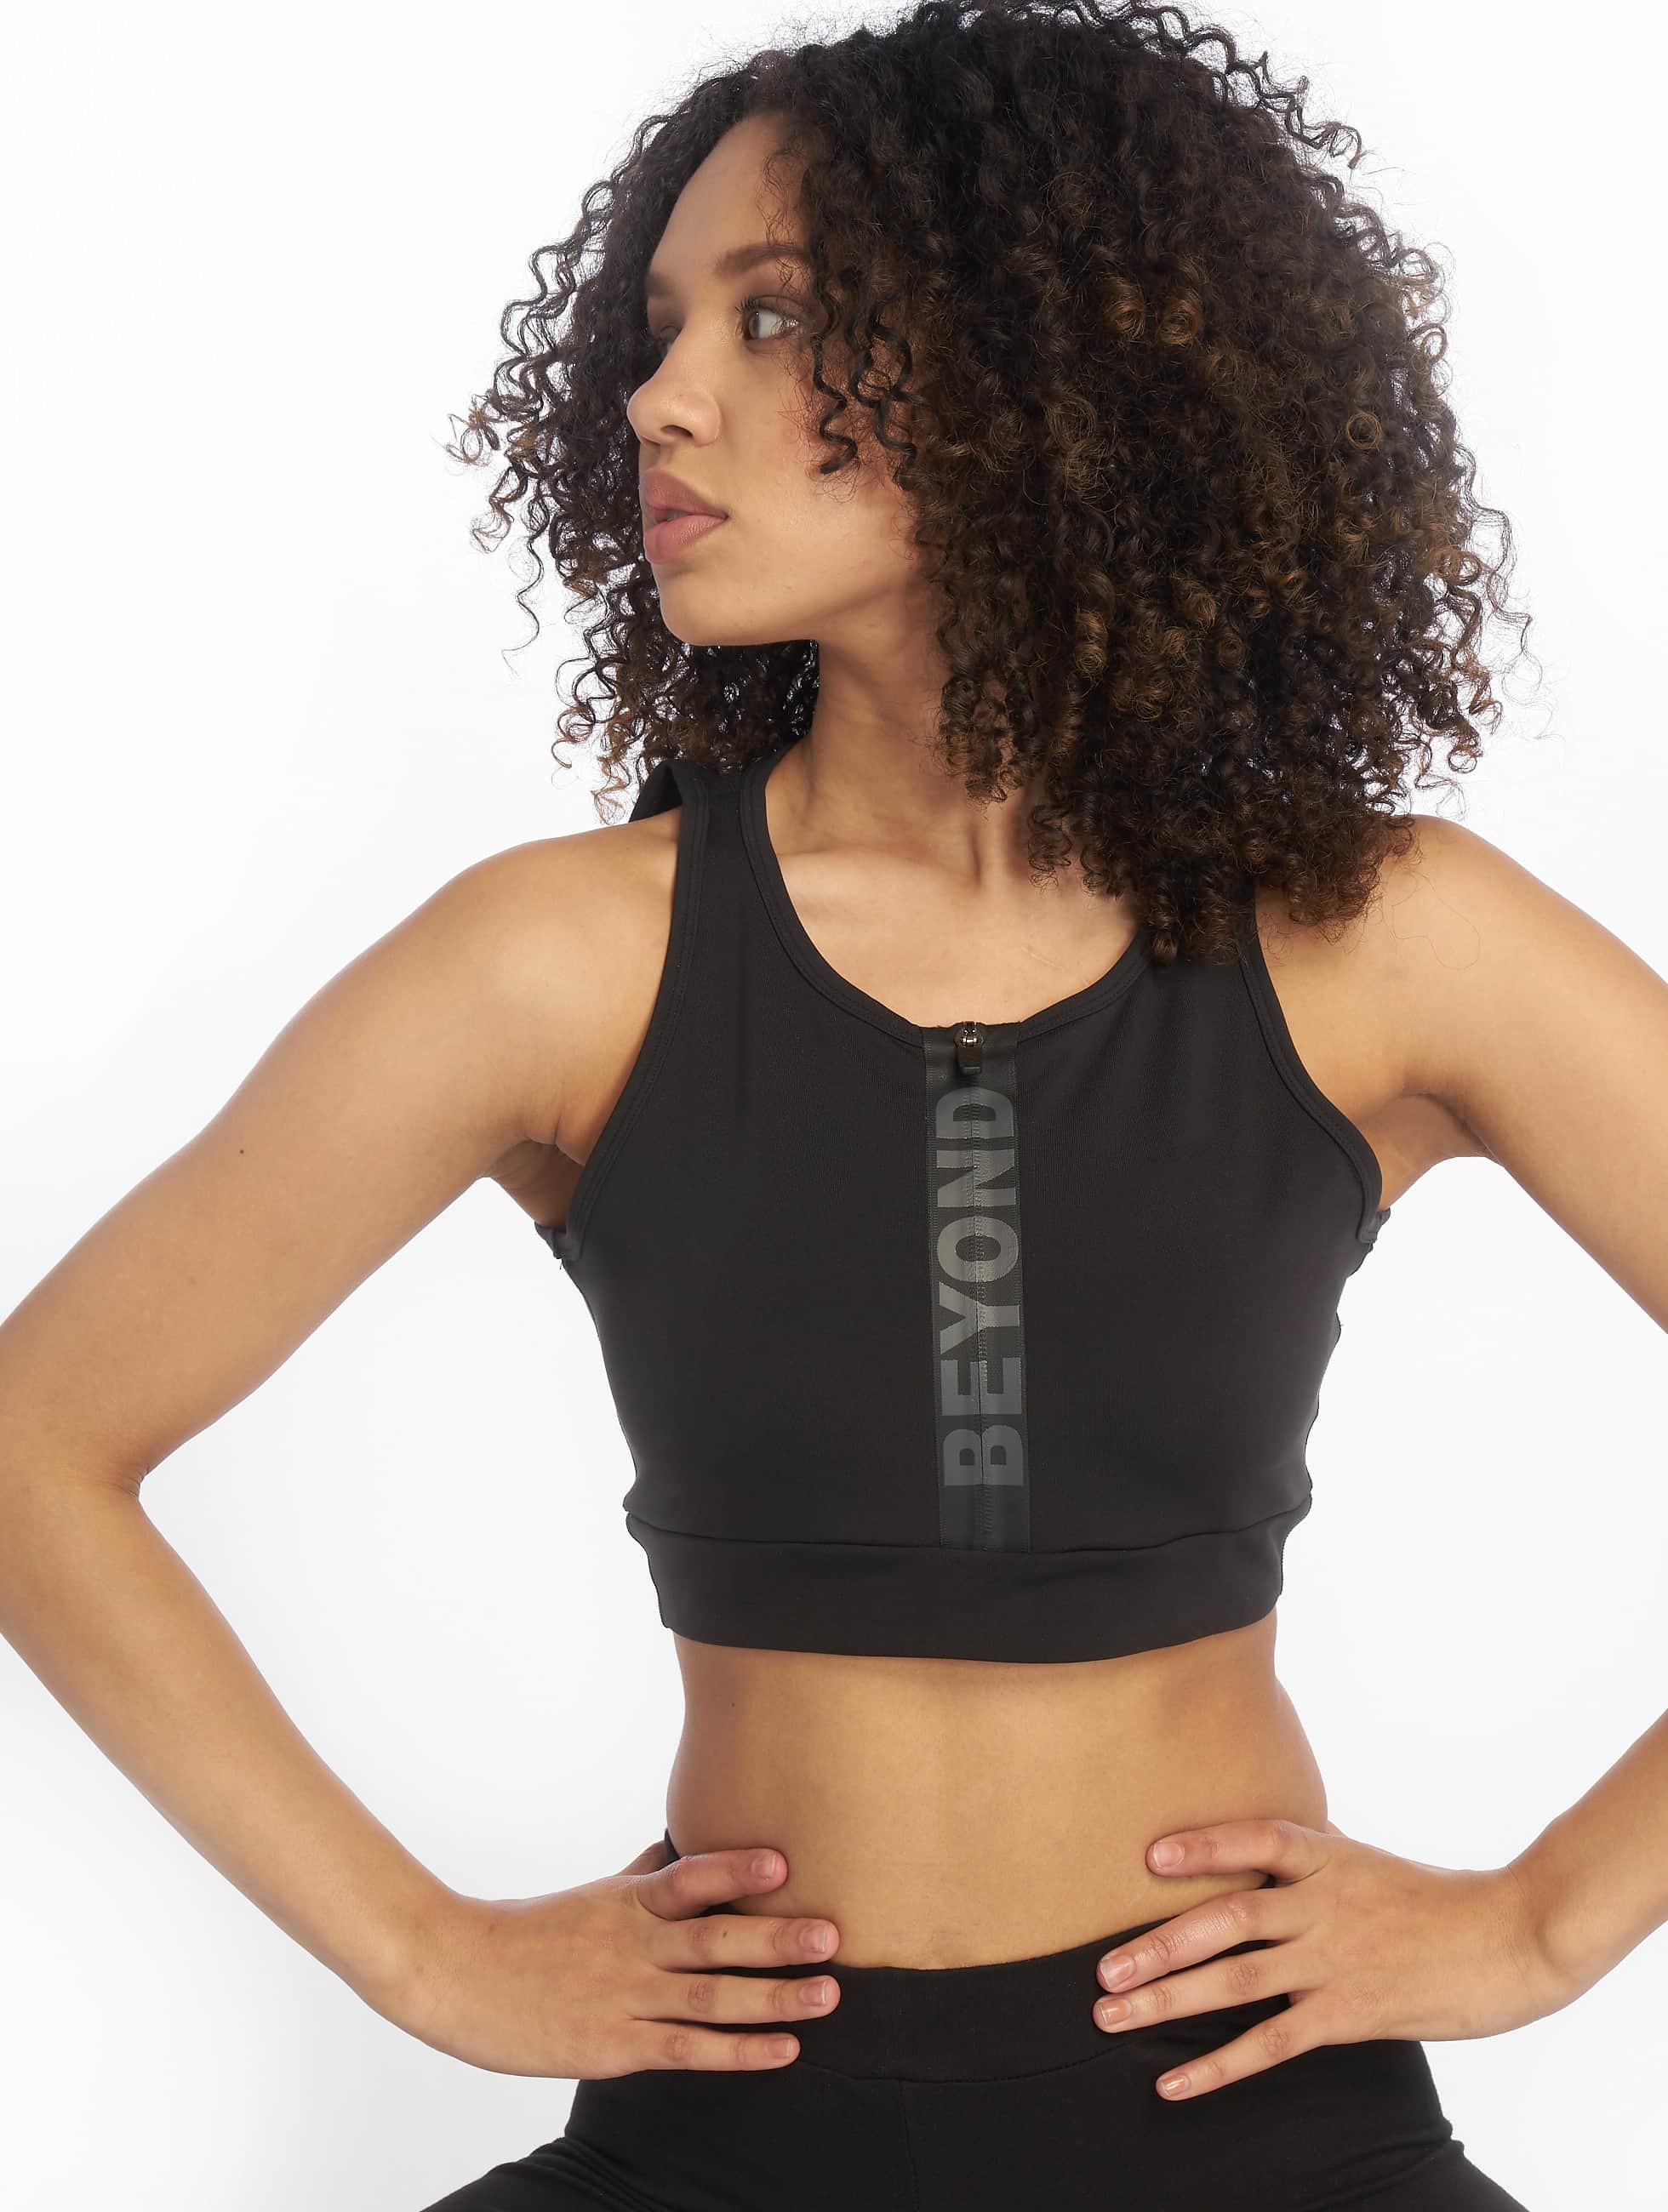 Beyond Limits   Intense Front Zip noir Femme Soutiens-gorge de sport